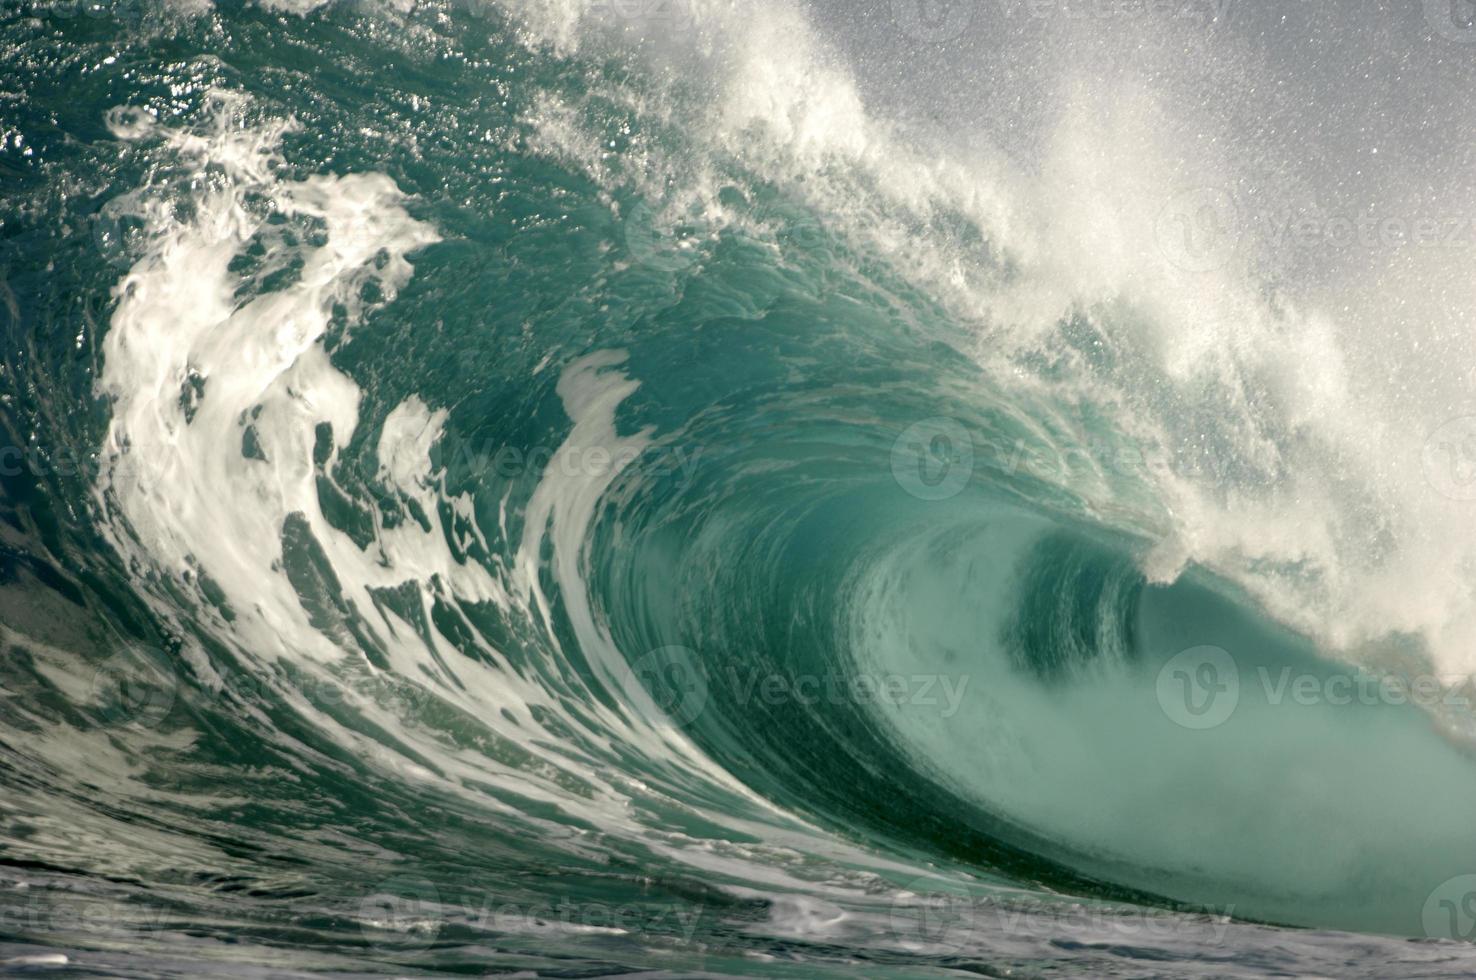 primer plano de la ola rompiente a medida que rueda sobre sí misma foto